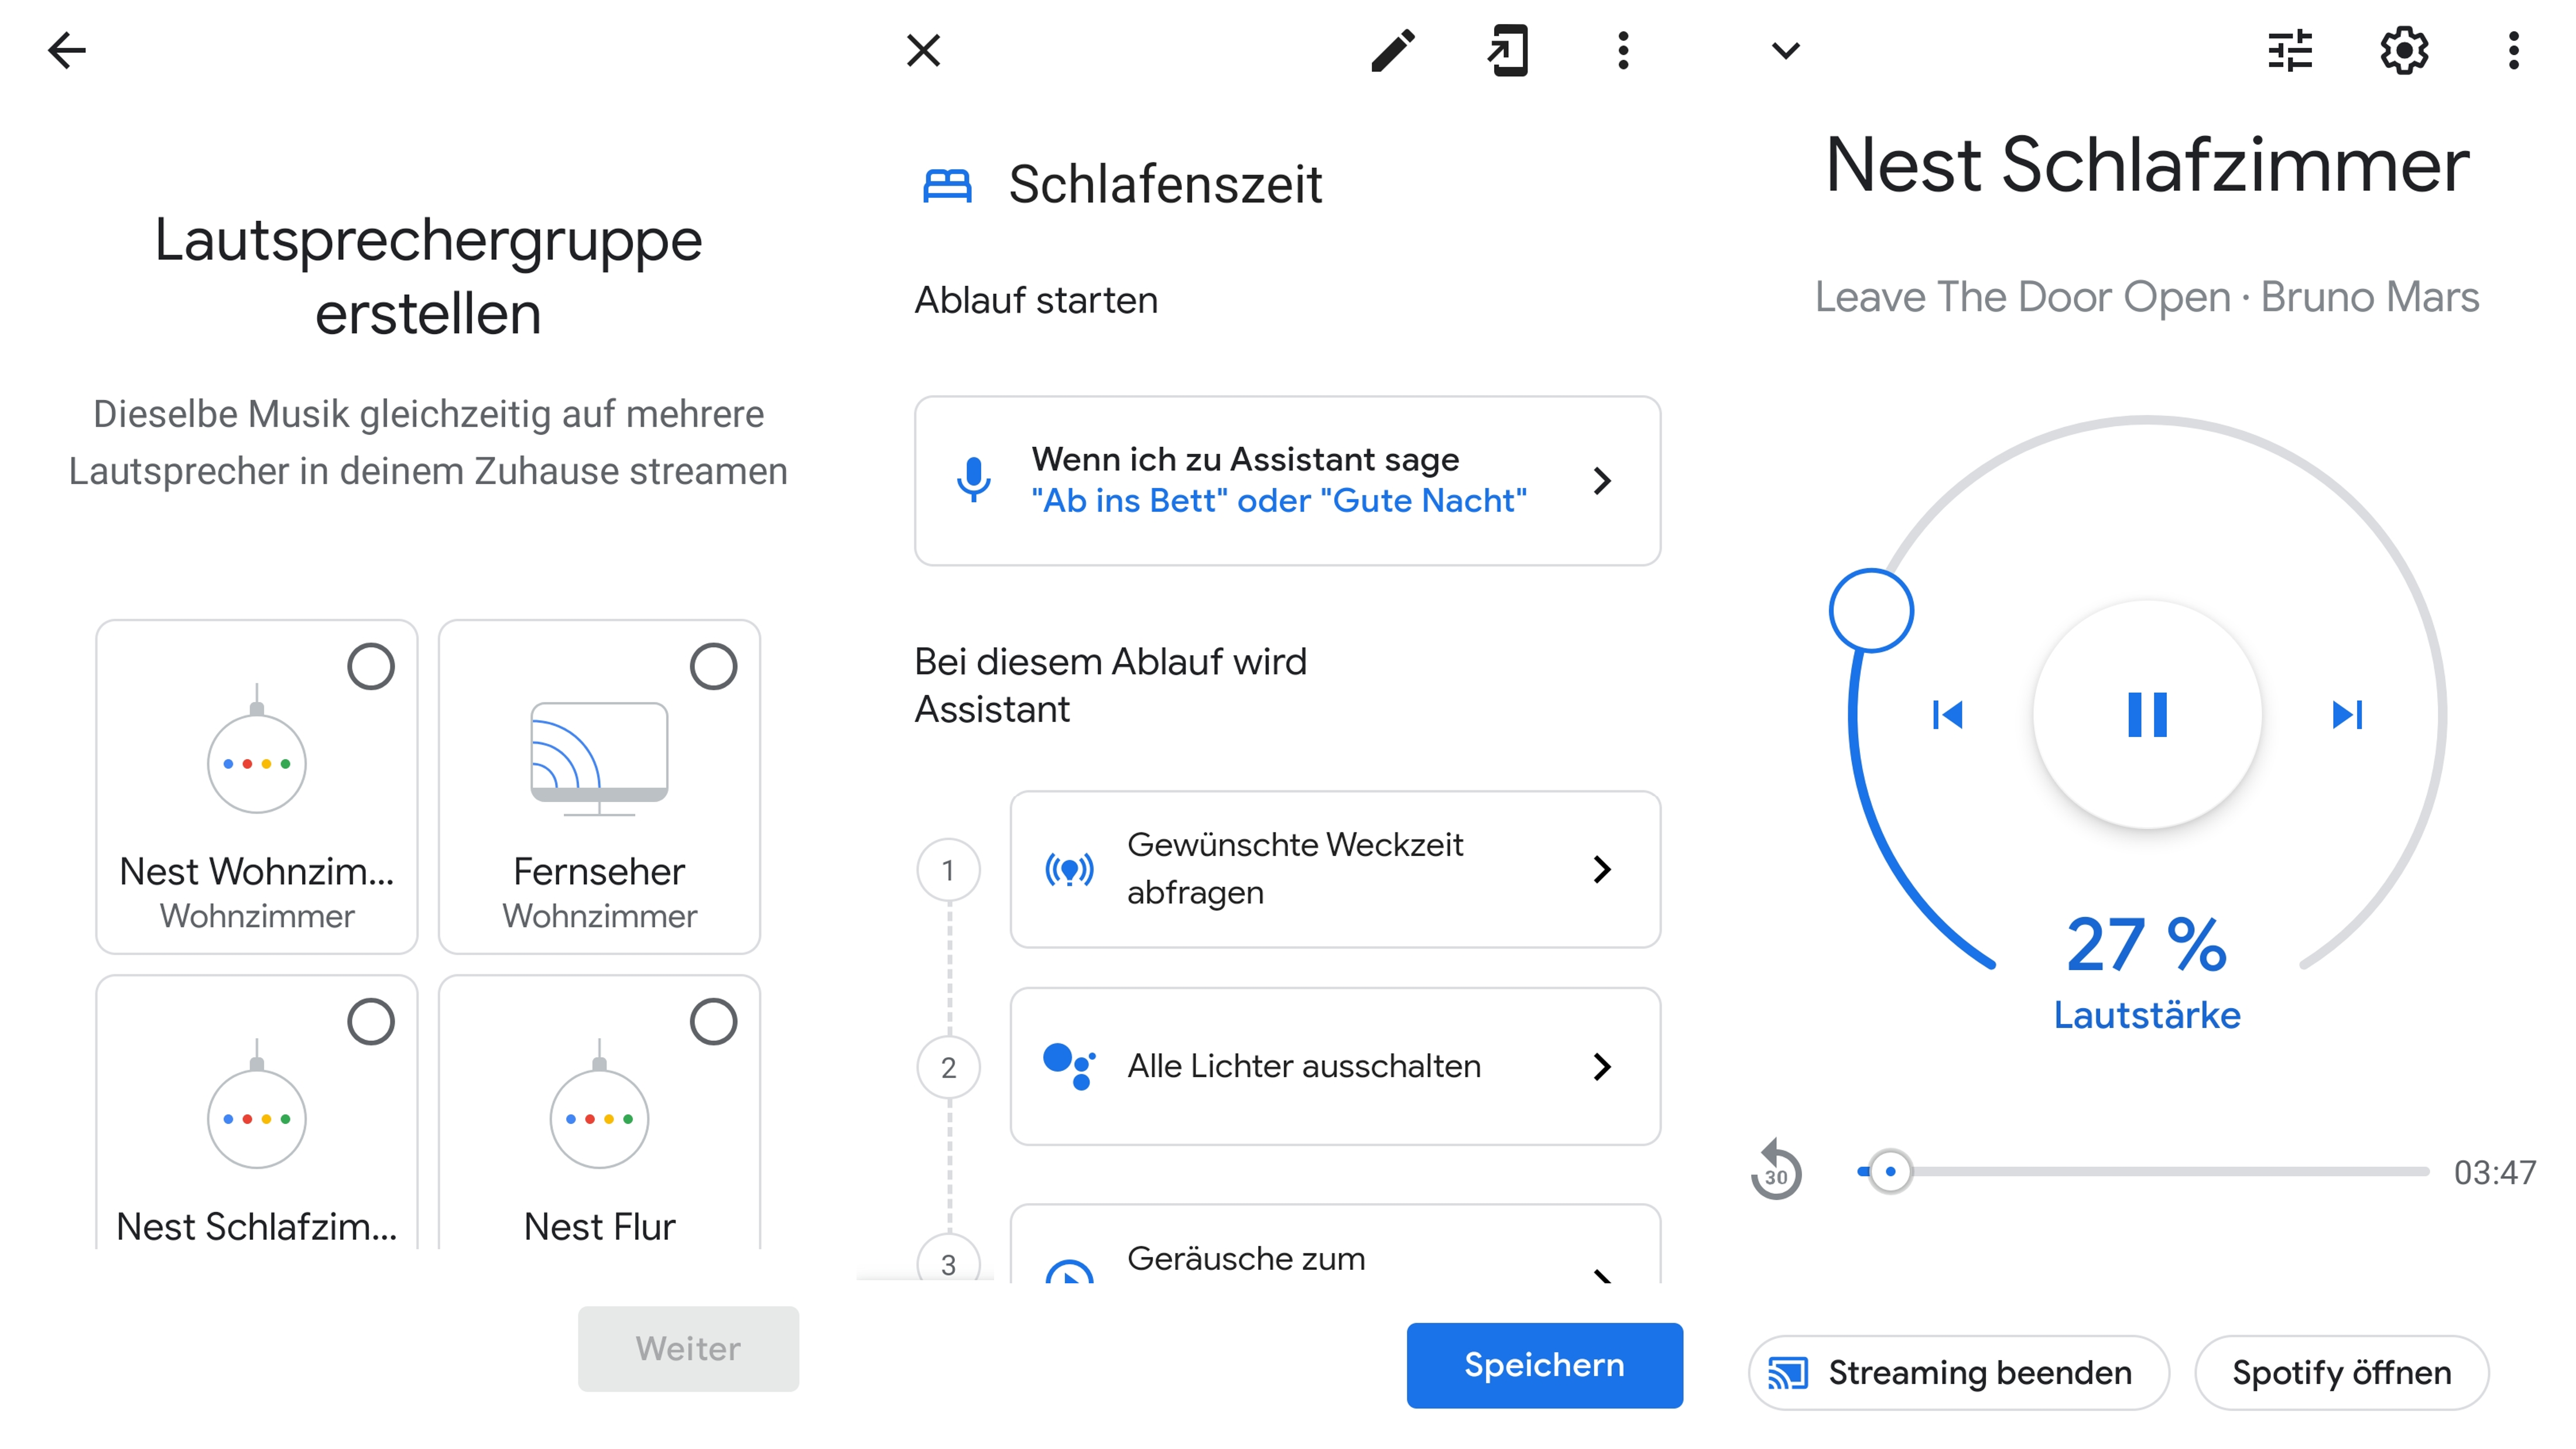 Mit der Google Home App können Sie Funktionen wie Routinen und Lautsprechergruppen für Ihre Nest Geräte erstellen.